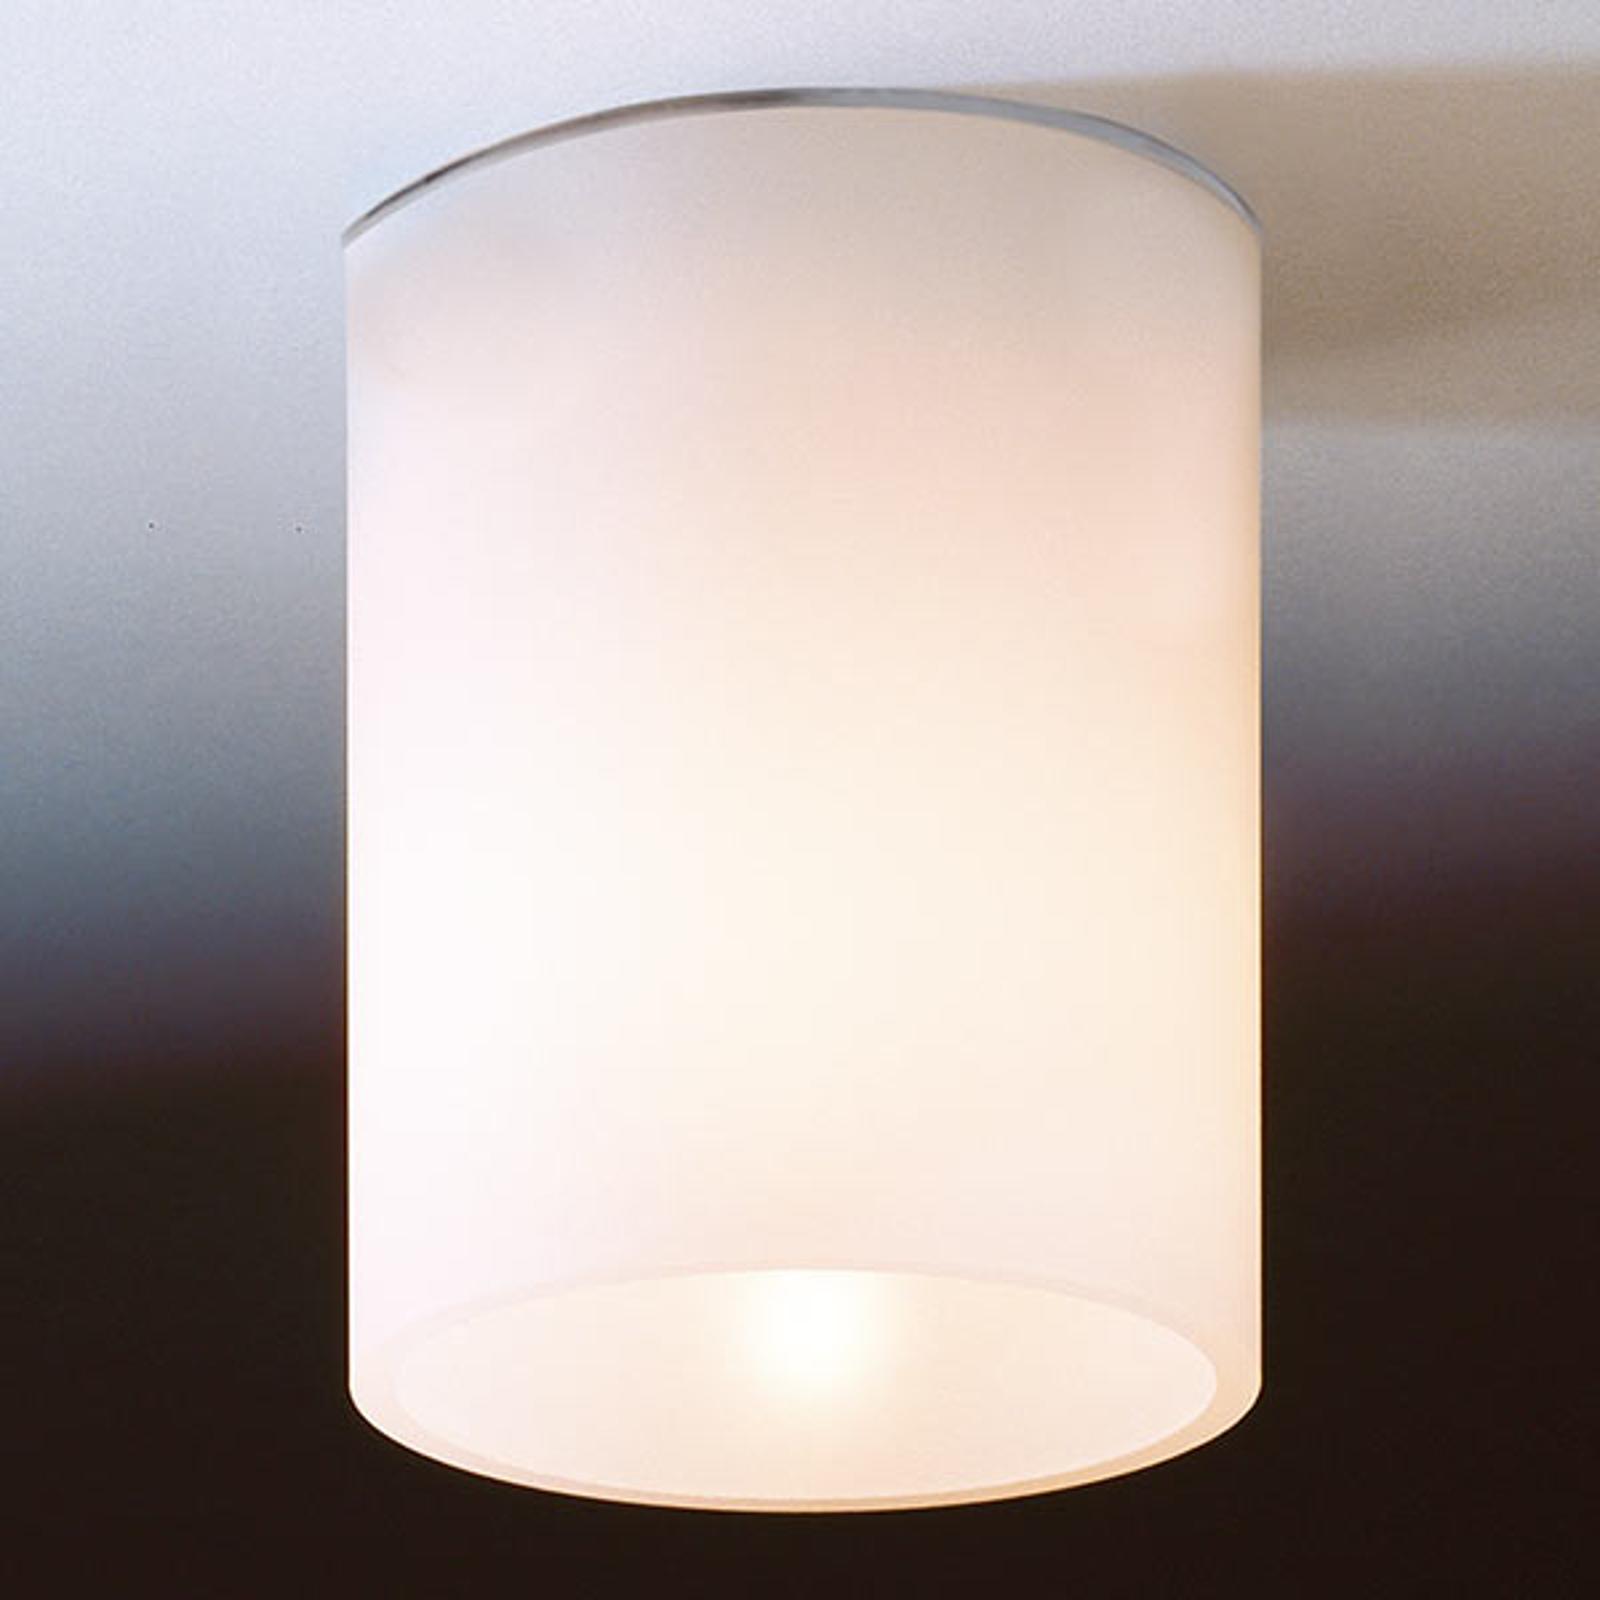 Biała lampa sufitowa DELA SHORT ze szkła